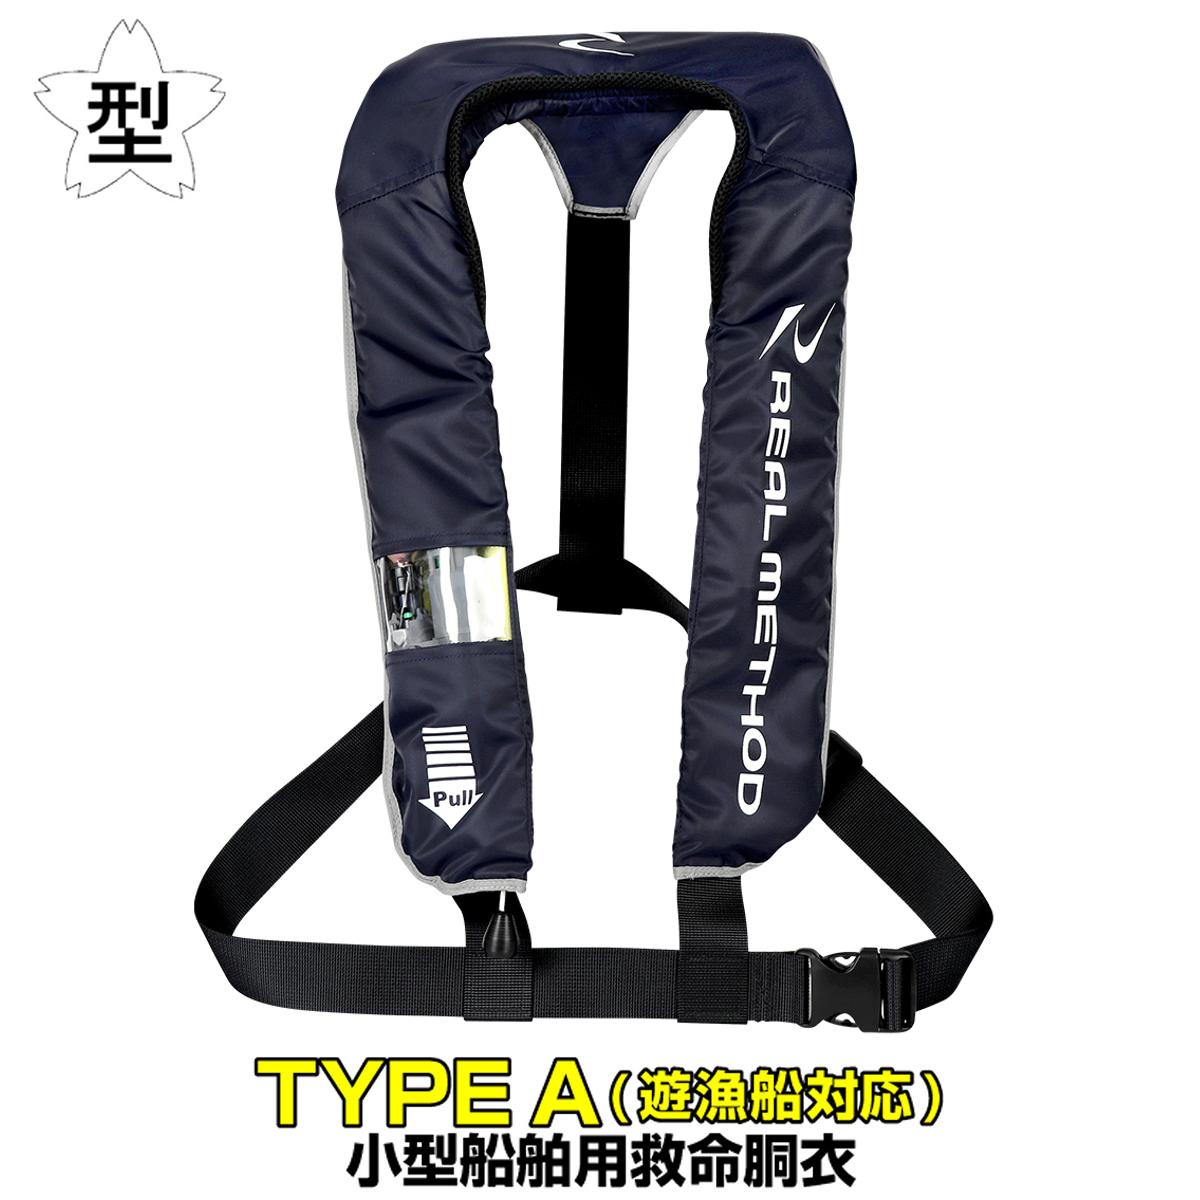 タカミヤ REALMETHOD 自動/手動式兼用 膨脹式ライフジャケット ショルダータイプ BJ-2700型 ネイビー ※遊漁船対応(東日本店)